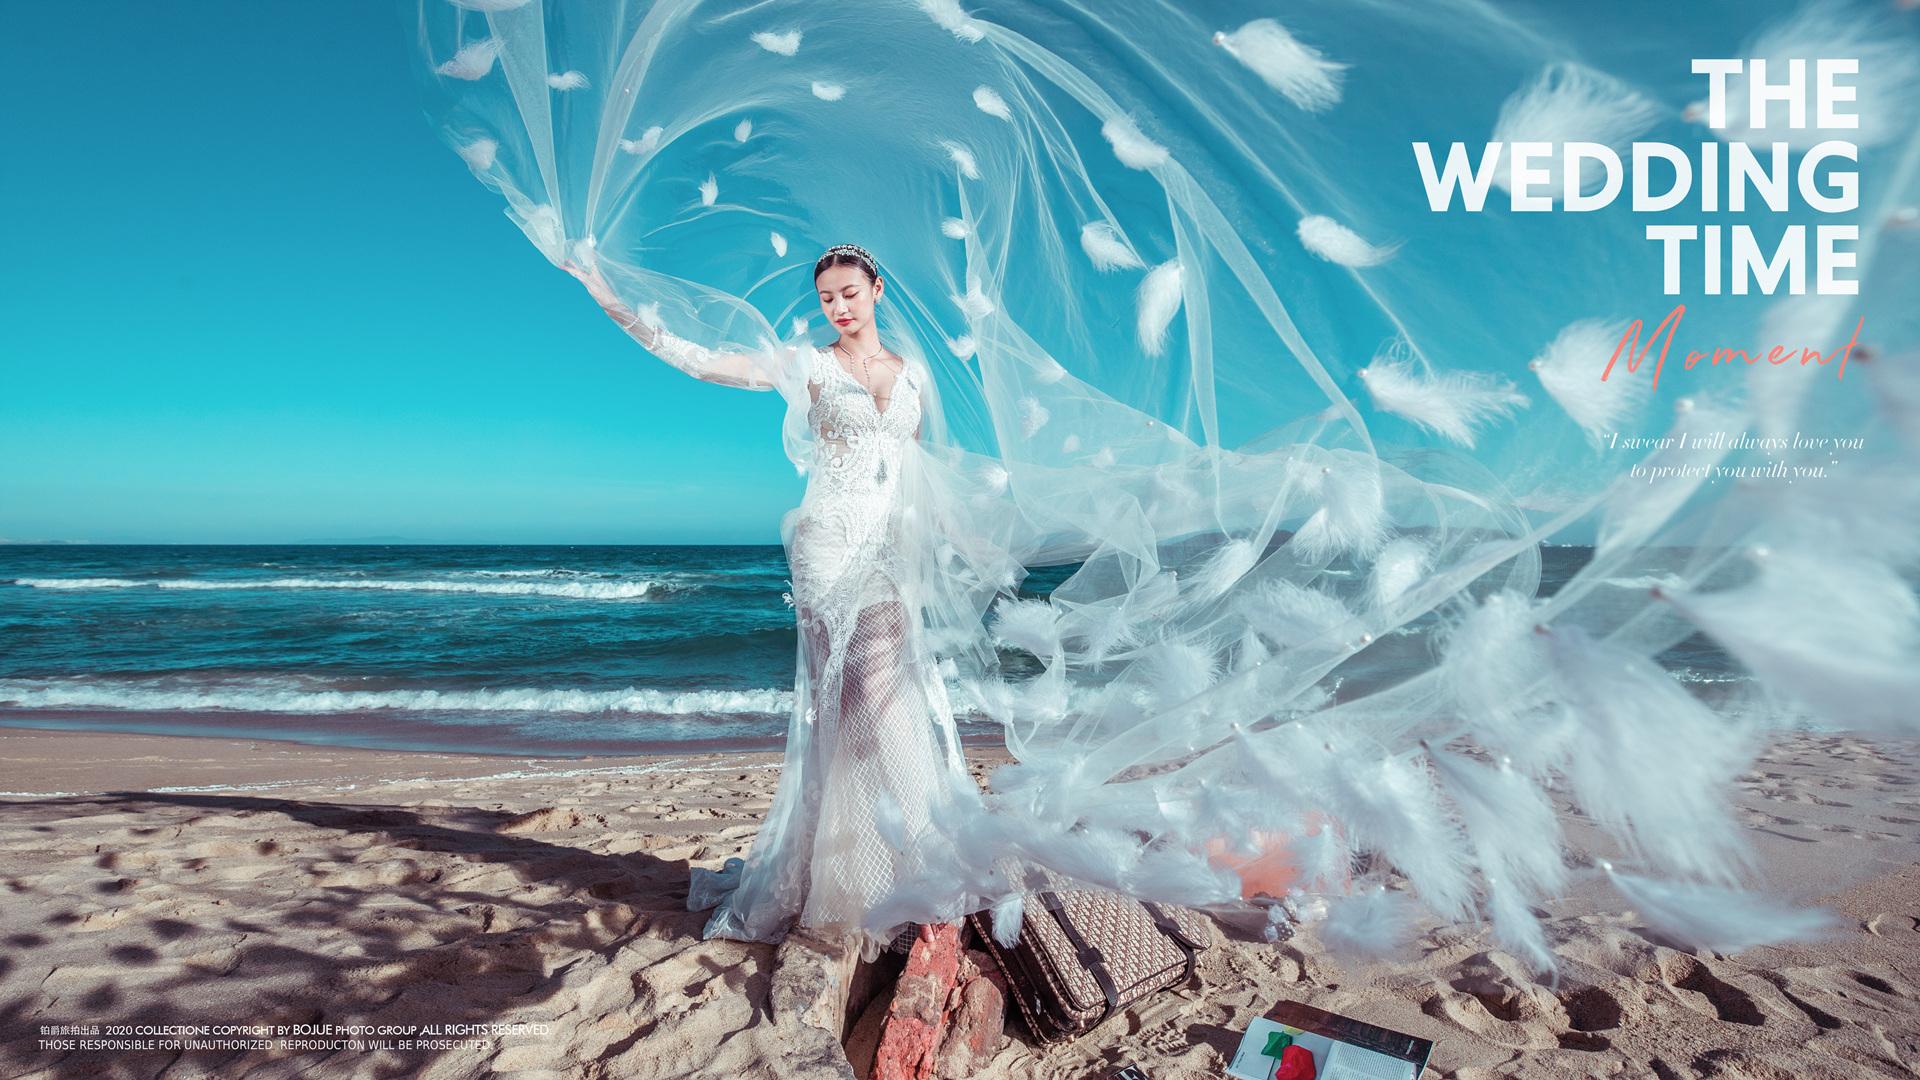 厦门婚纱照 不同季节厦门婚纱摄影准备事项有哪些